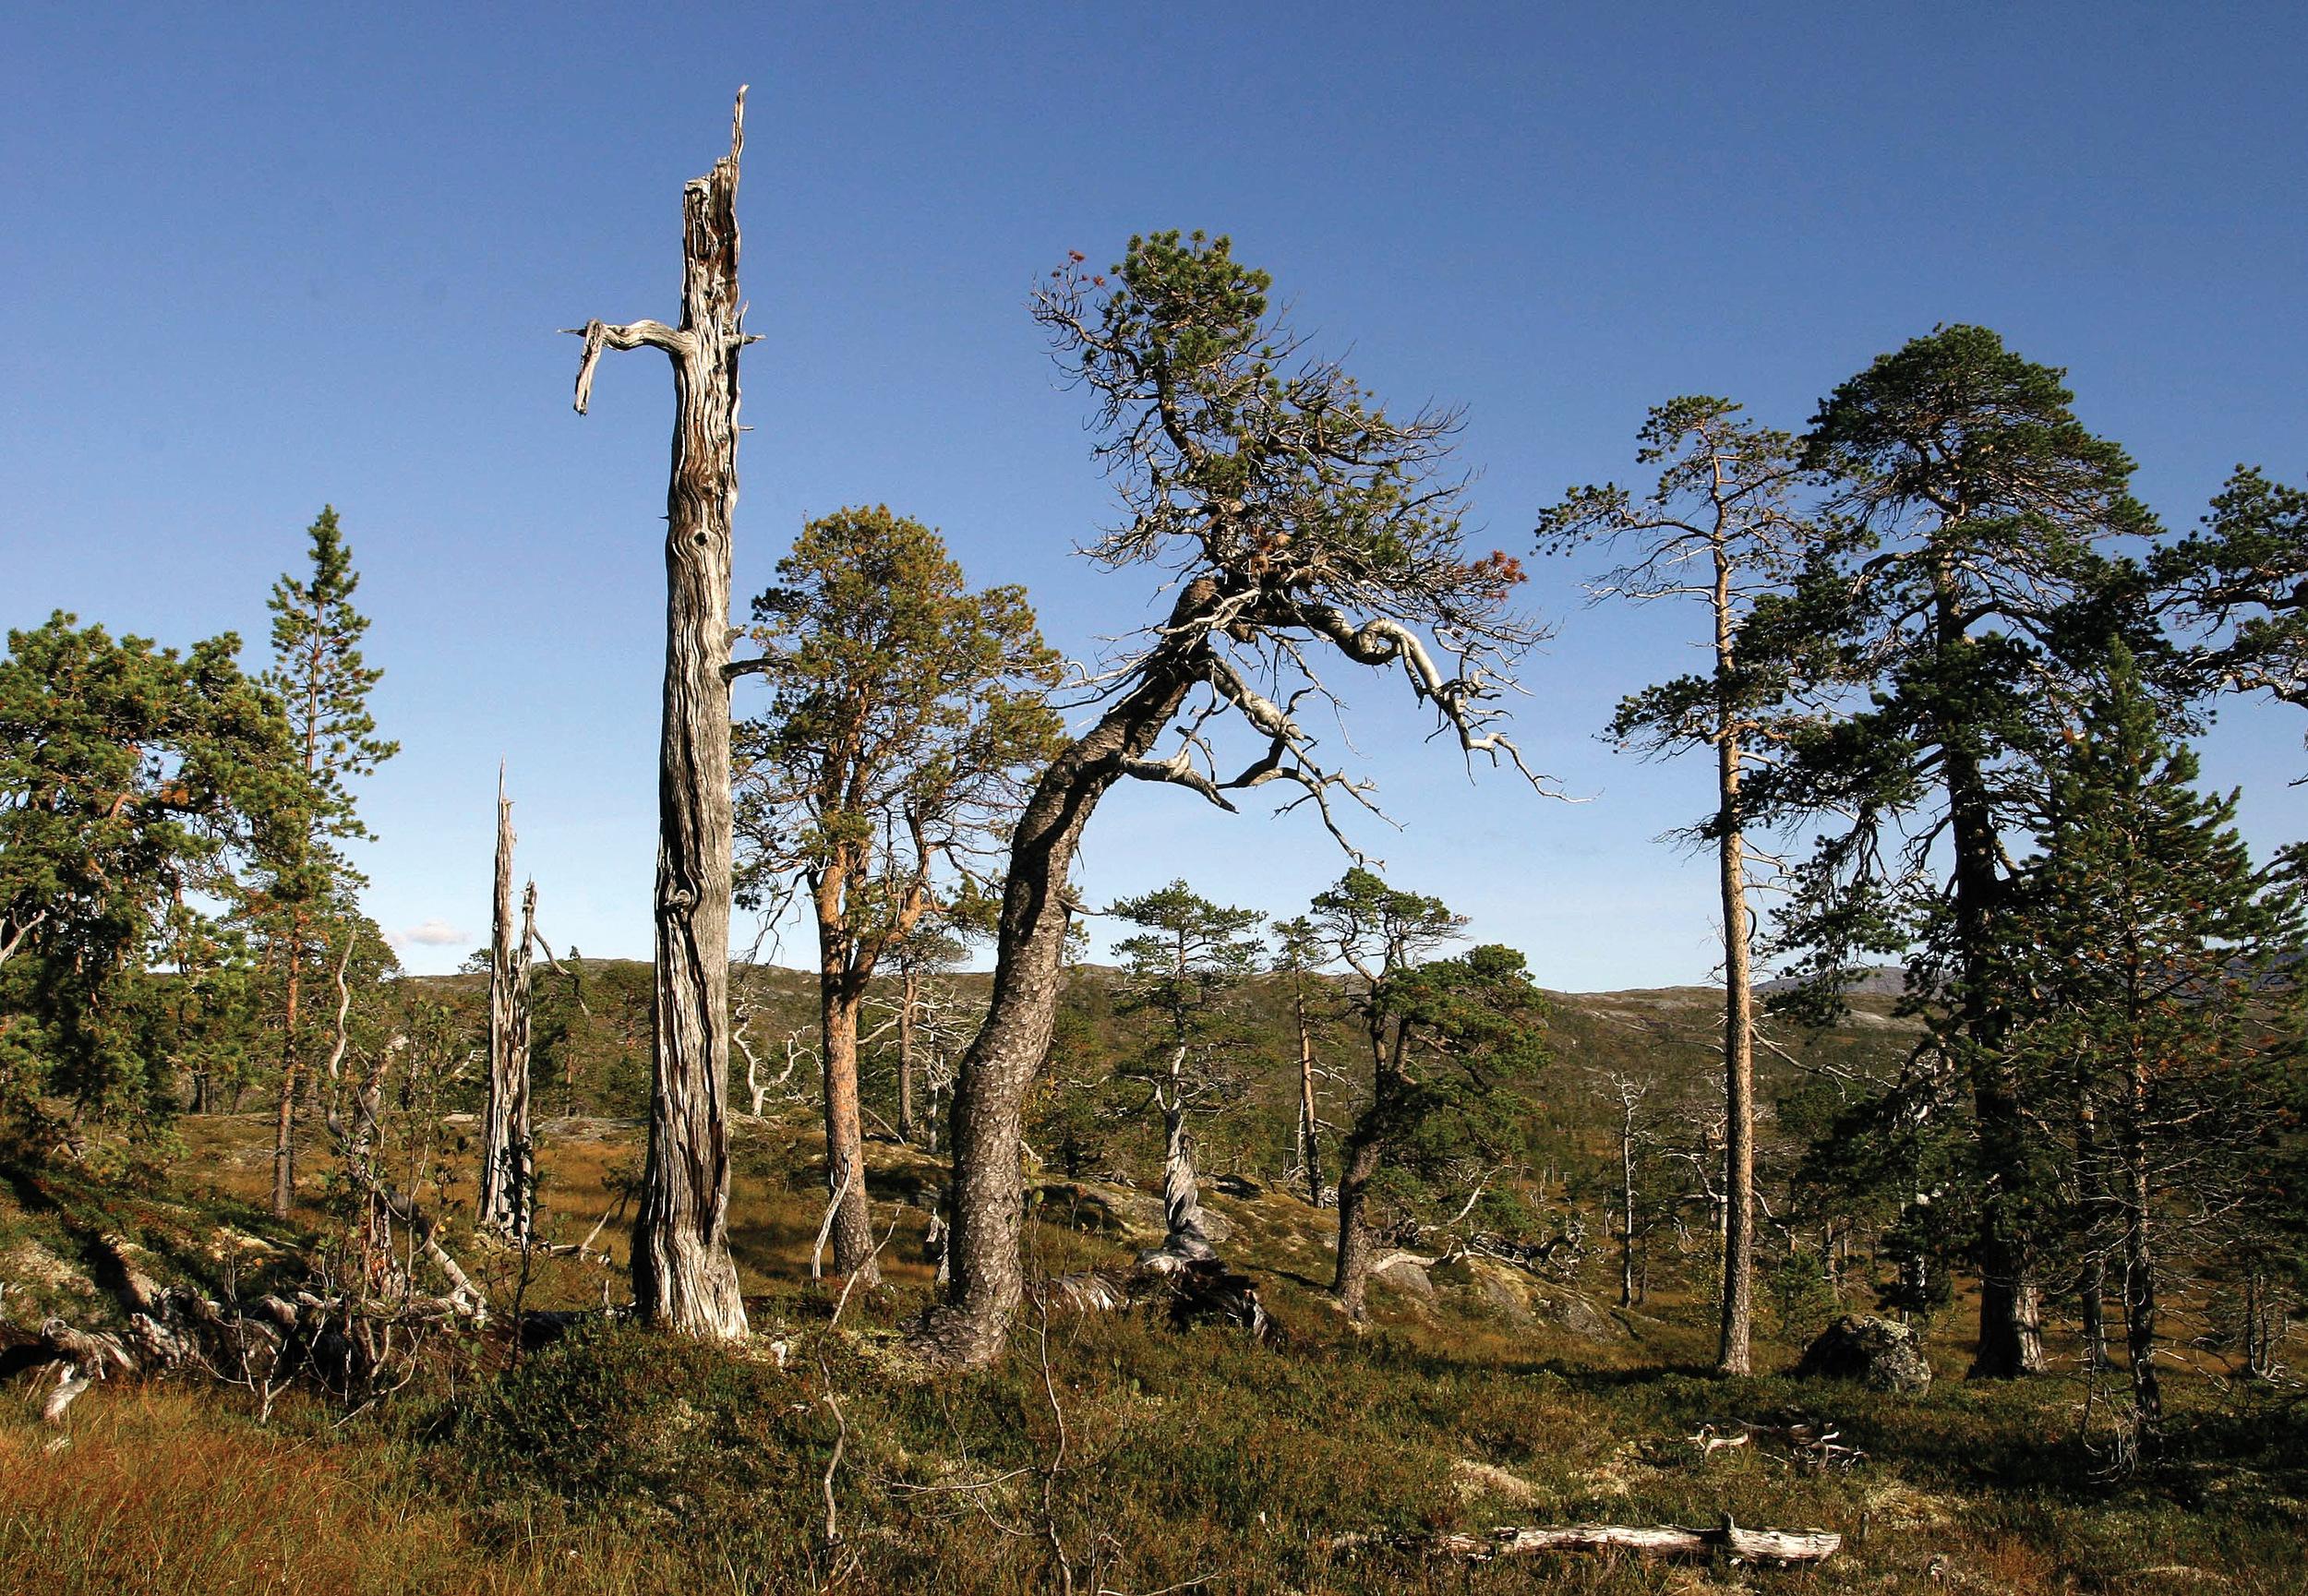 I urskogen finnes ofte mange arter som ellers er sjeldne fordi de er knyttet til selve urskogtilstanden, eksempelvis til gamle eller døde trær. Foto: Per K. Bjørklund, NIBIO